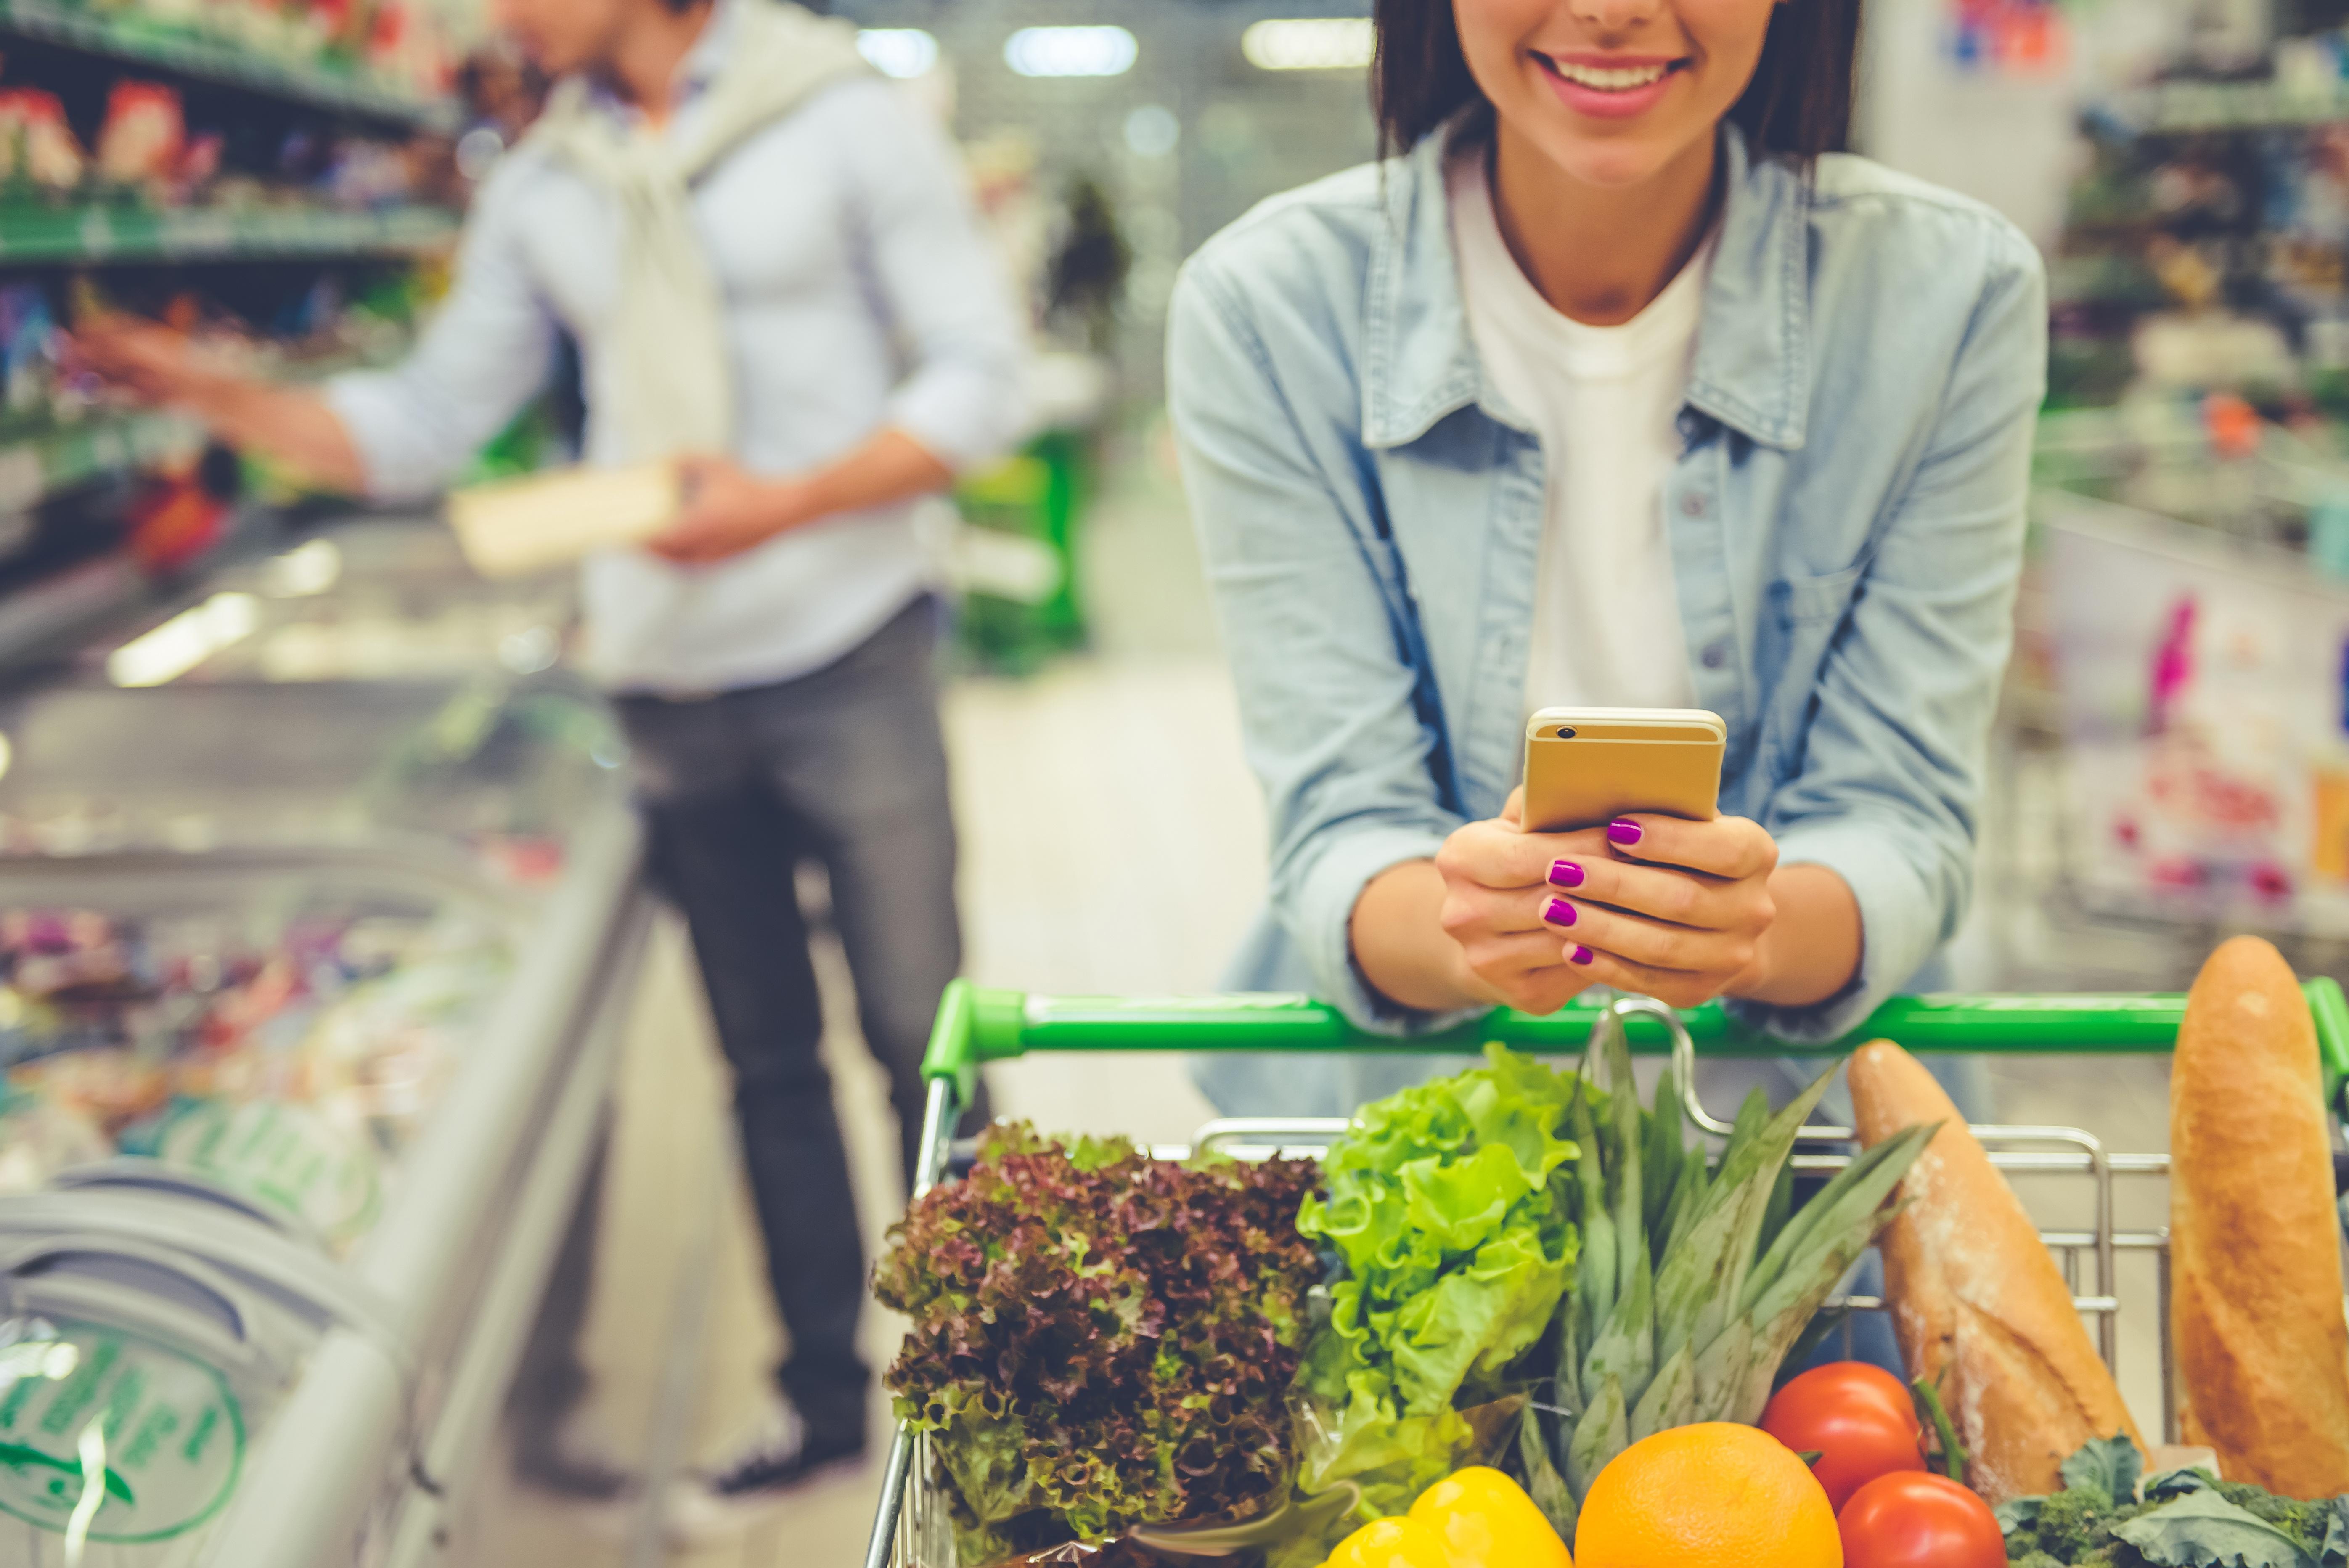 Shopping Cart Food shutterstock_481976119.jpg